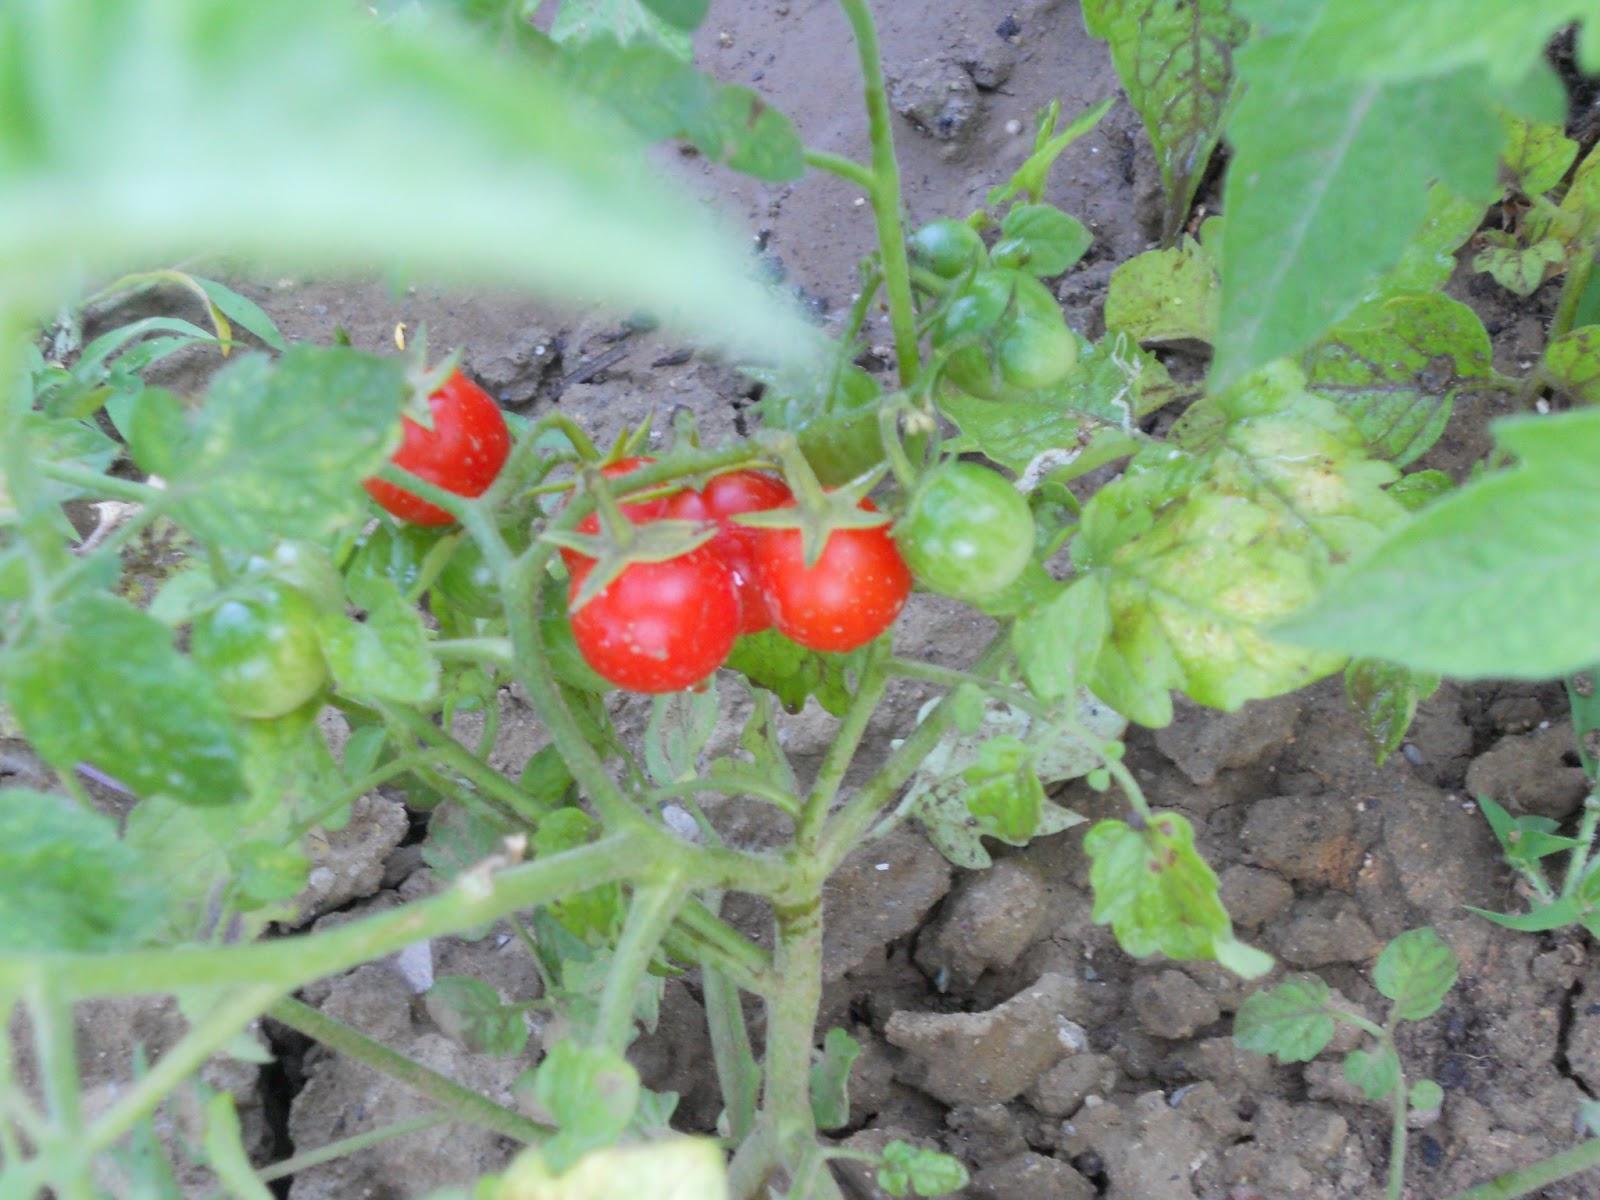 Il mio blog in uno zaino i pomodori for Cimatura pomodori